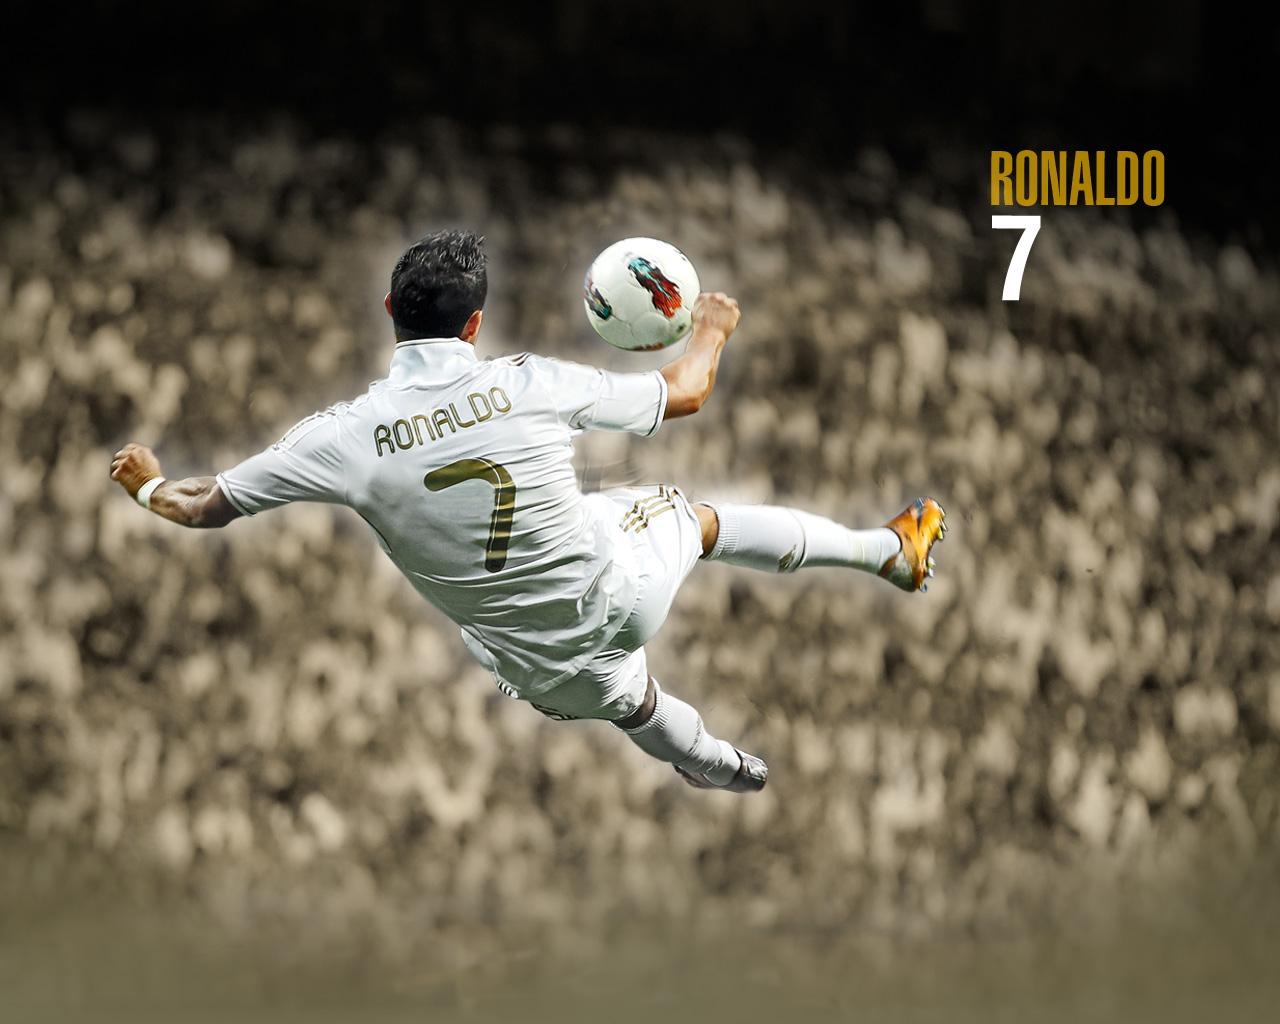 http://1.bp.blogspot.com/-VqlX7o0yjVE/UImS7yggHQI/AAAAAAAAGWc/8PaLNyLmnB4/s1600/Cristiano+Ronaldo+hd+wallpapers+2013+04.jpg